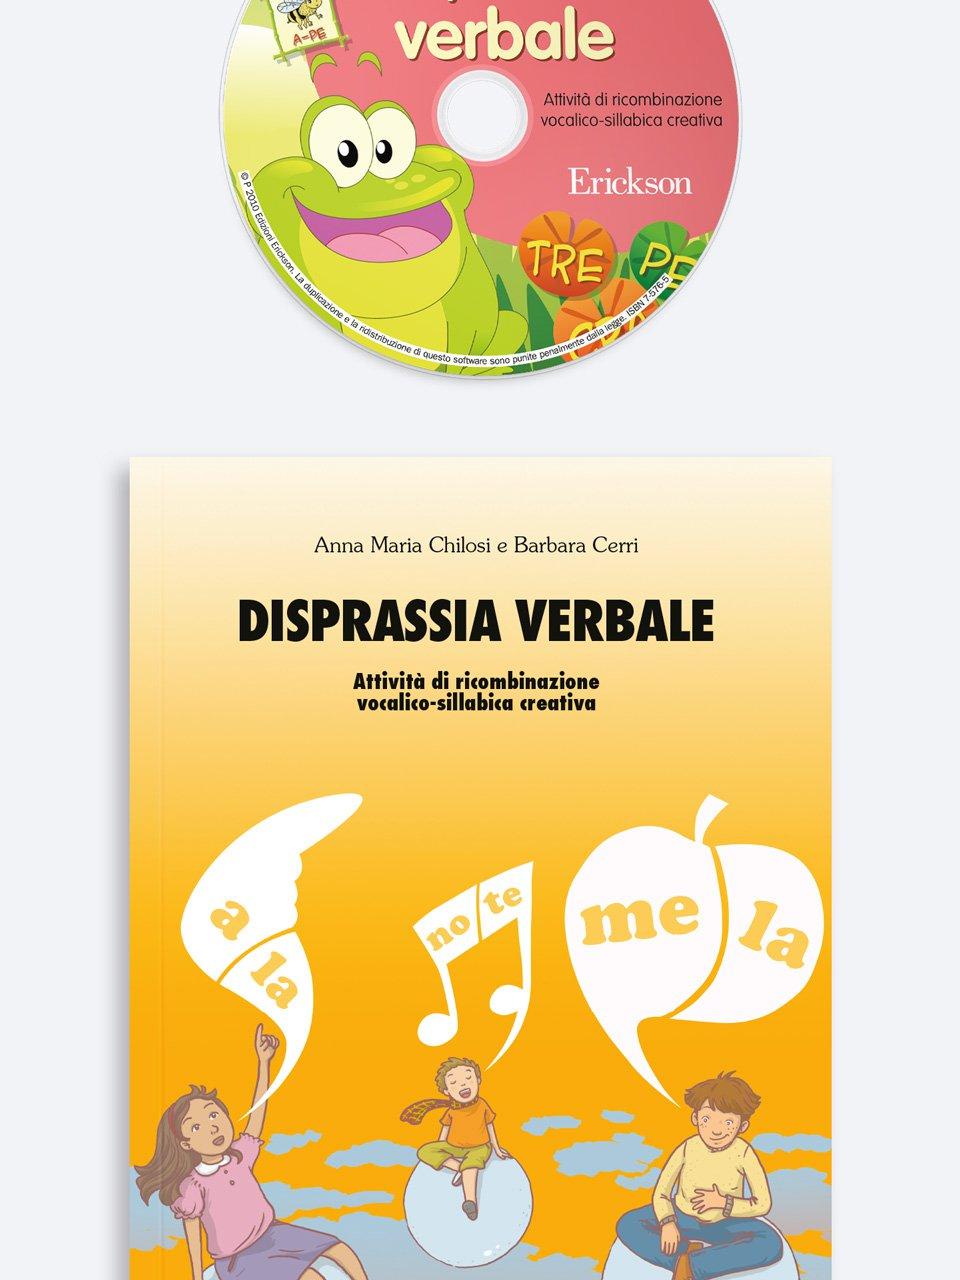 Disprassia verbale - Disprassia e apprendimento - Libri - Erickson 3